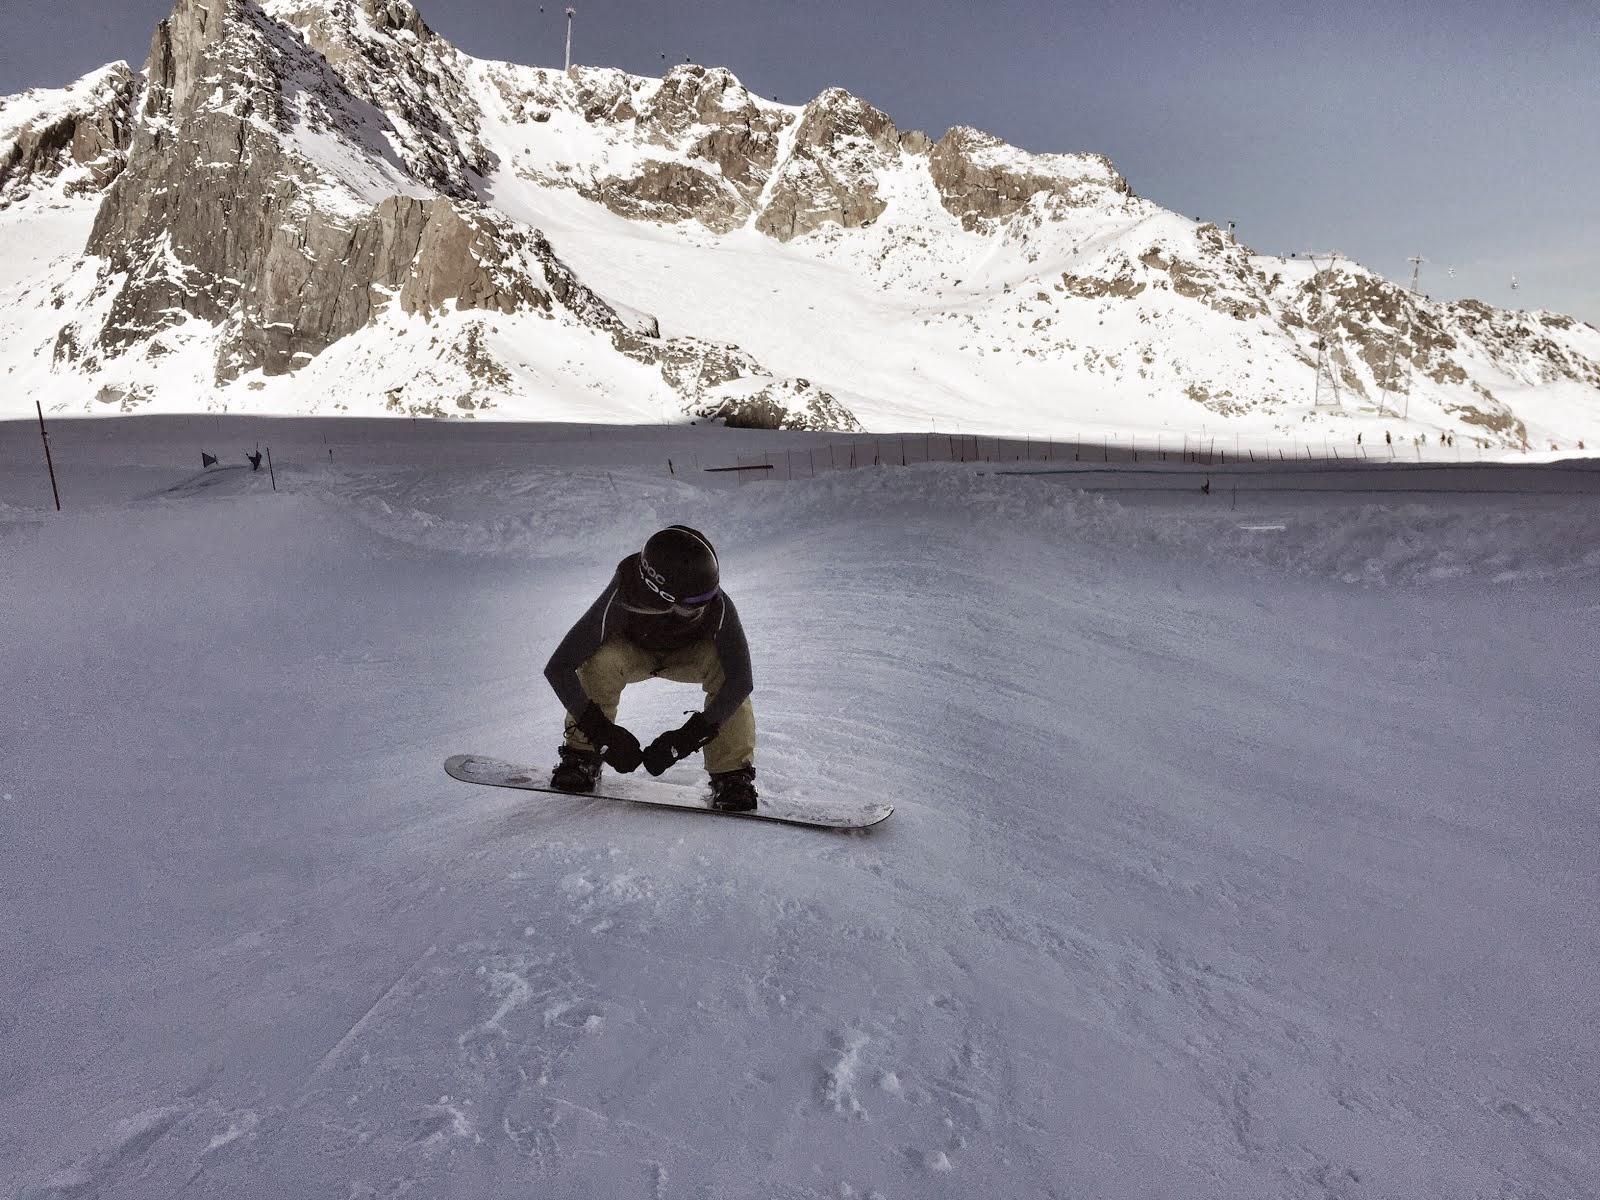 Training in Austria